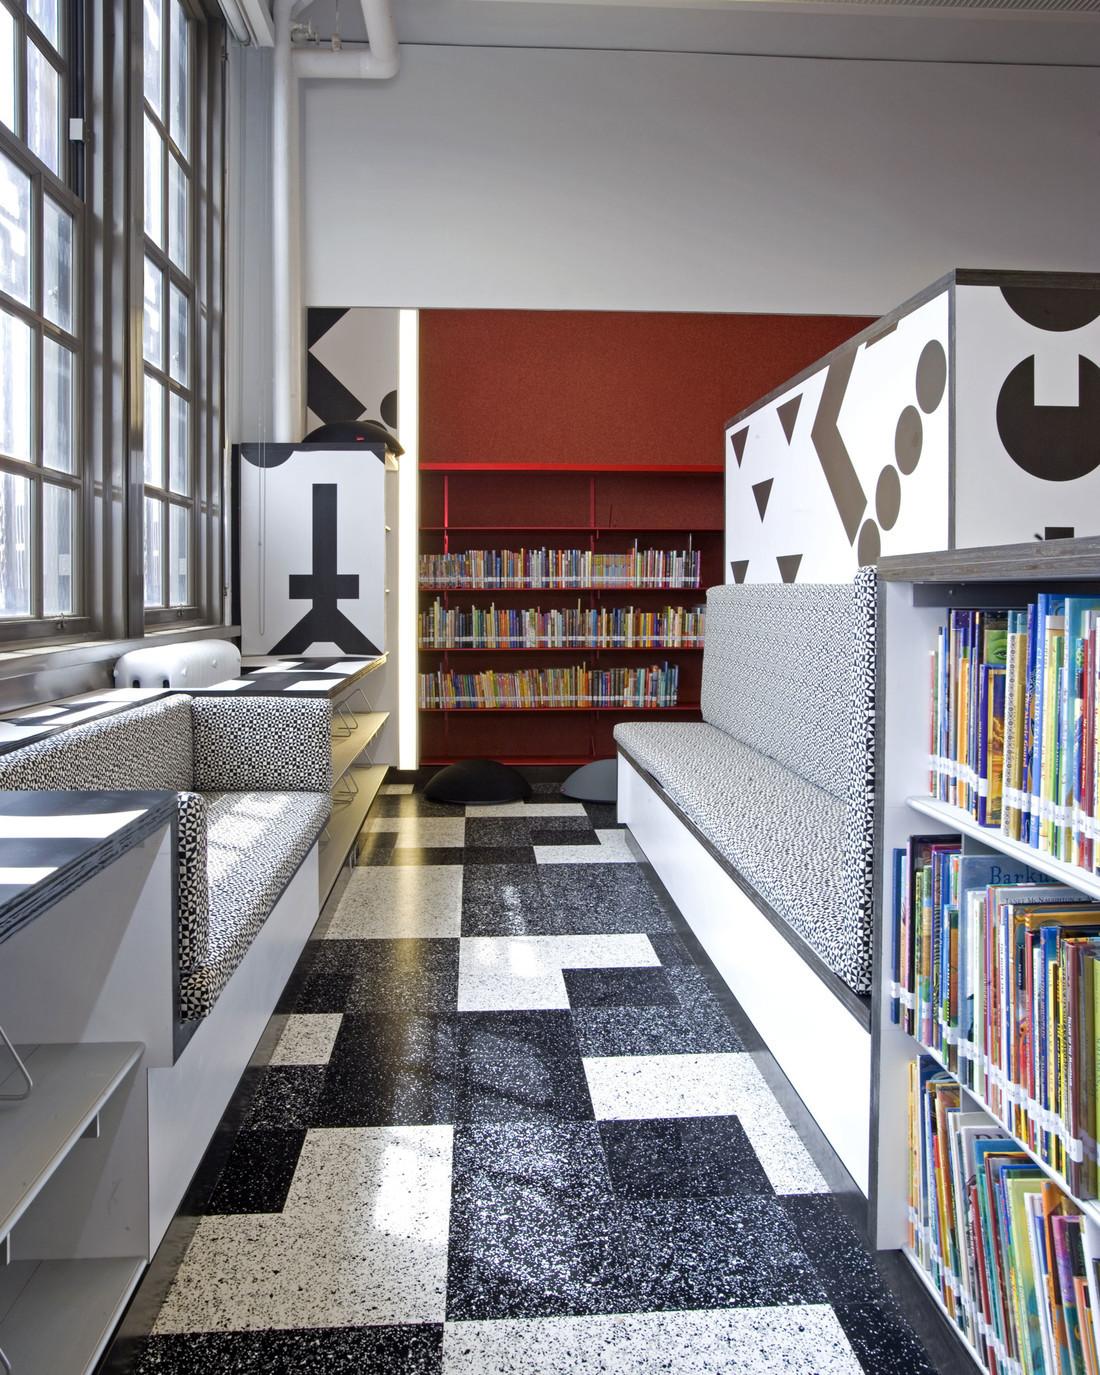 Robbin-Hood-Library-11